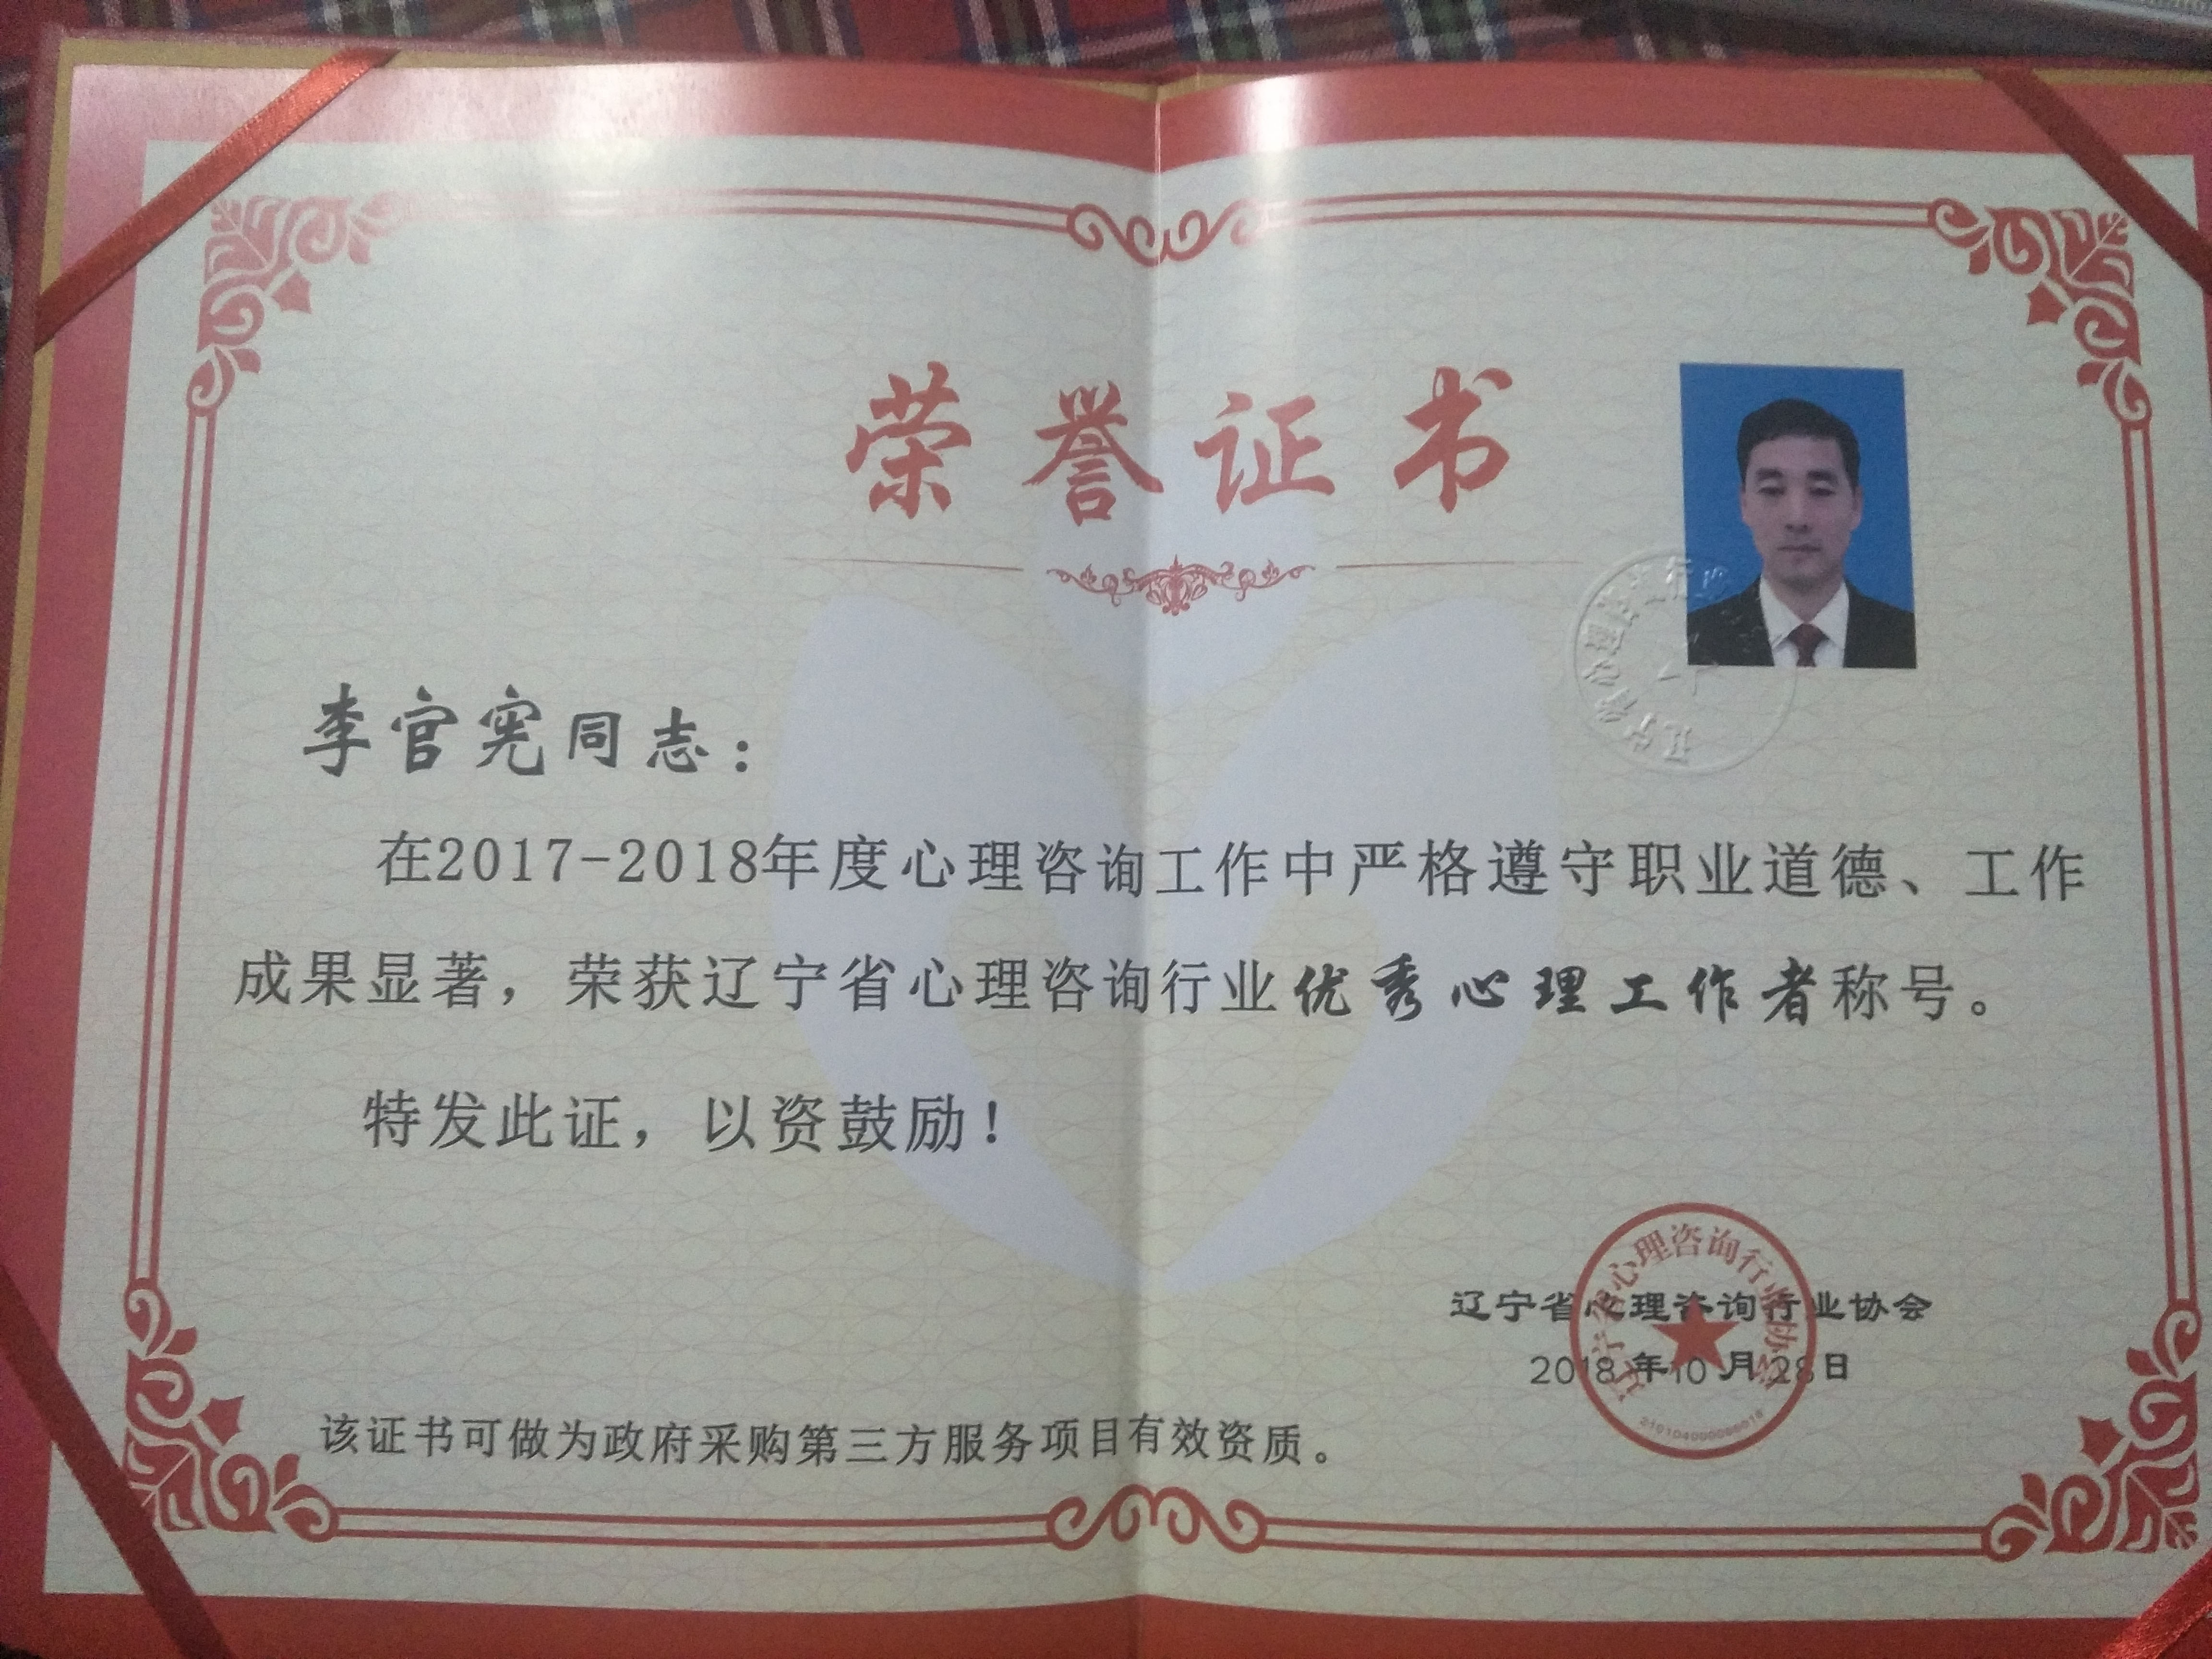 东男老师获得2018年辽宁省优 秀心理咨询师称号